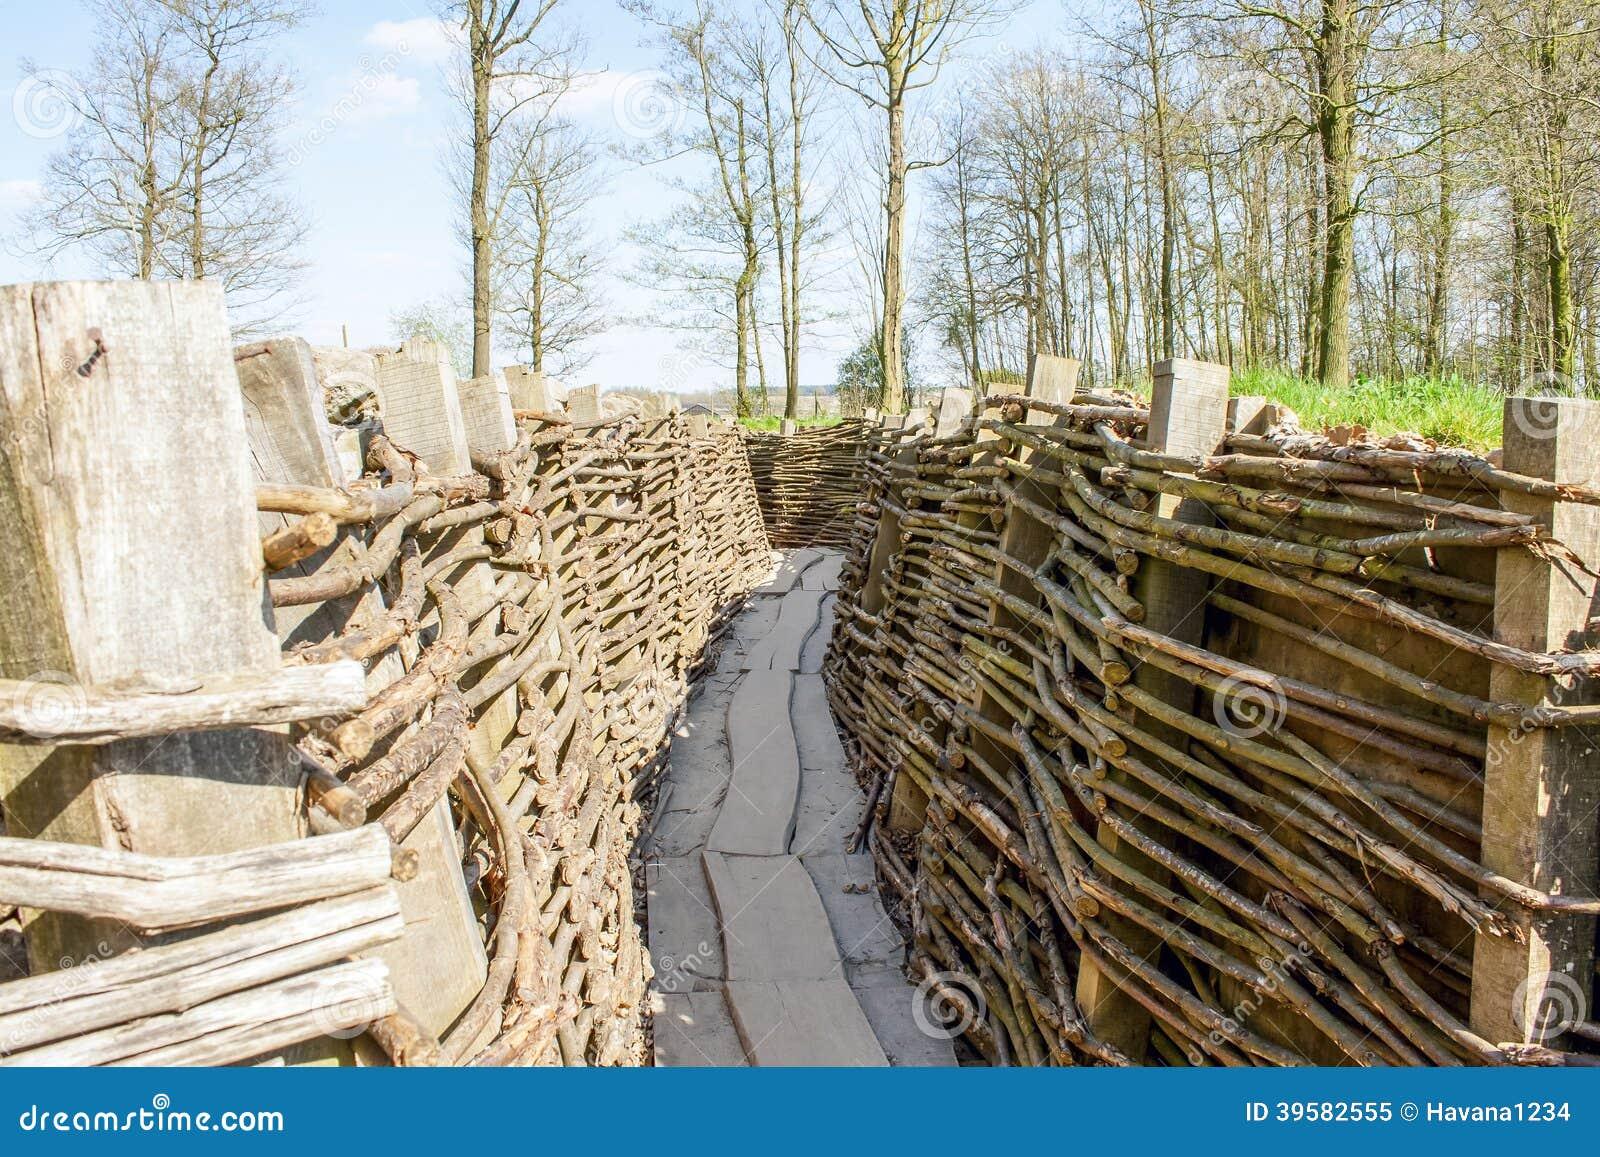 Bayernwald掘沟第一次世界大战富兰德比利时